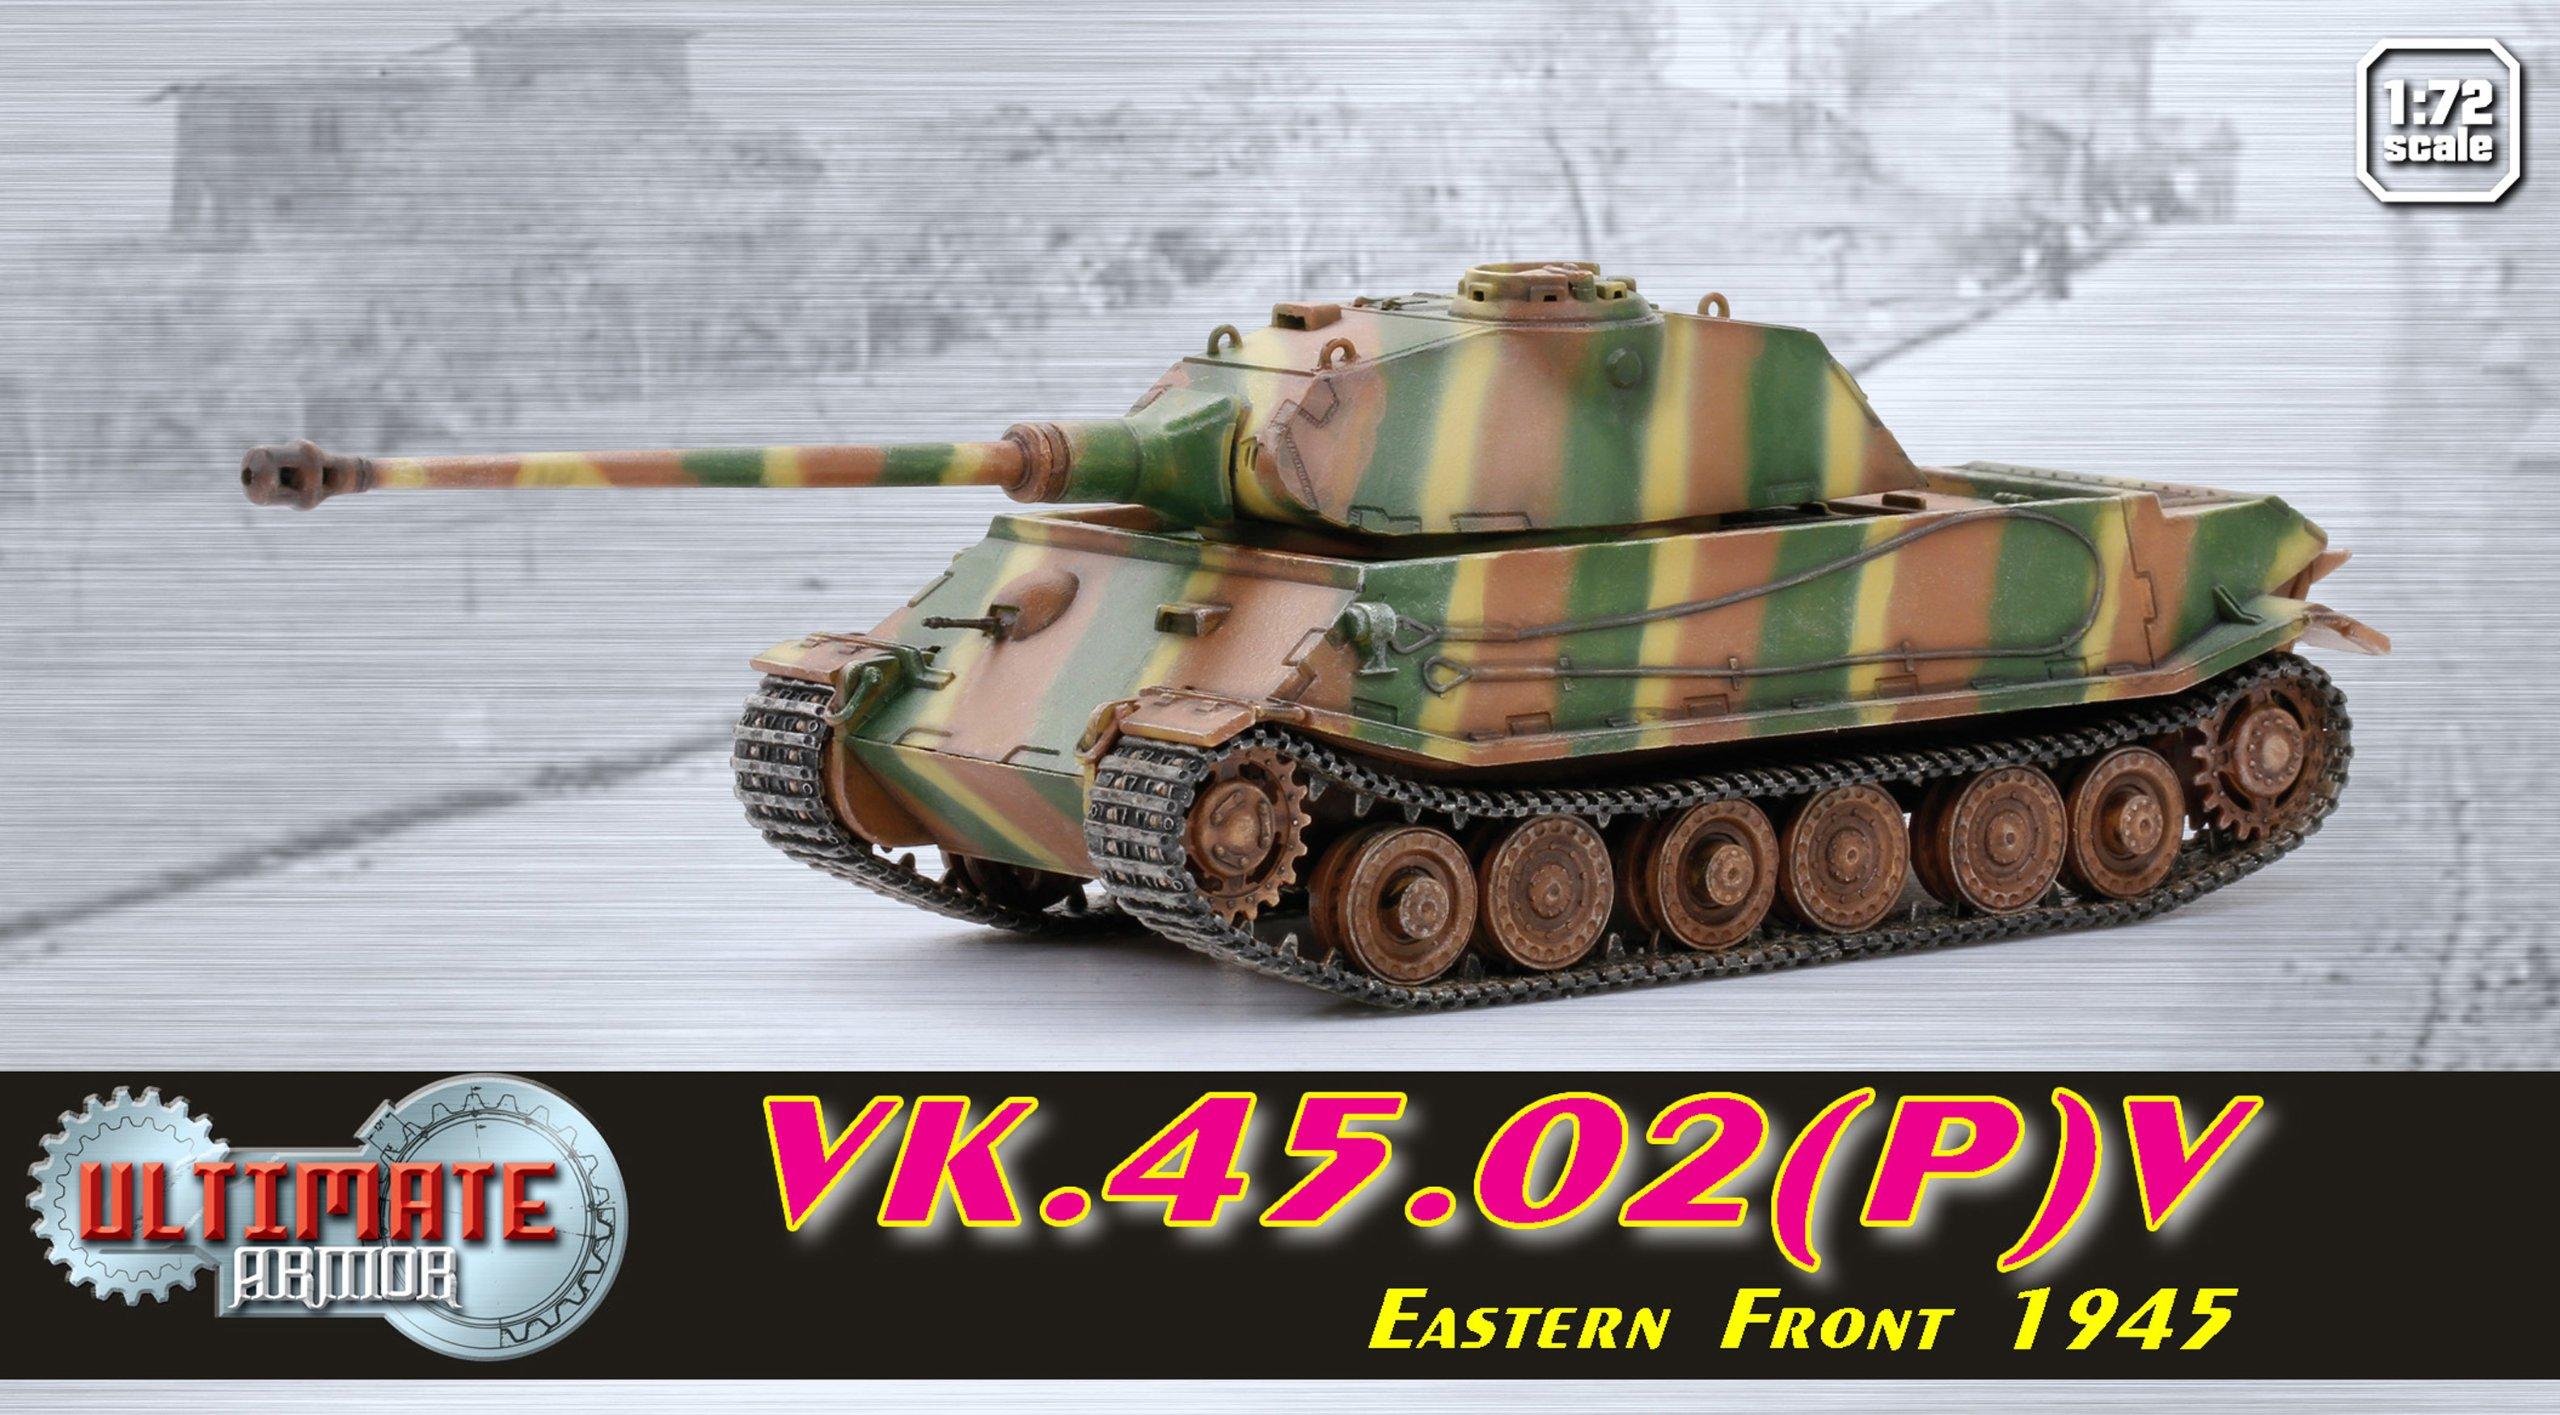 Dragon Models VK.45.02(P) V Eastern Front 1945 Ultimate Armor Building Kit, 1/72-Scale